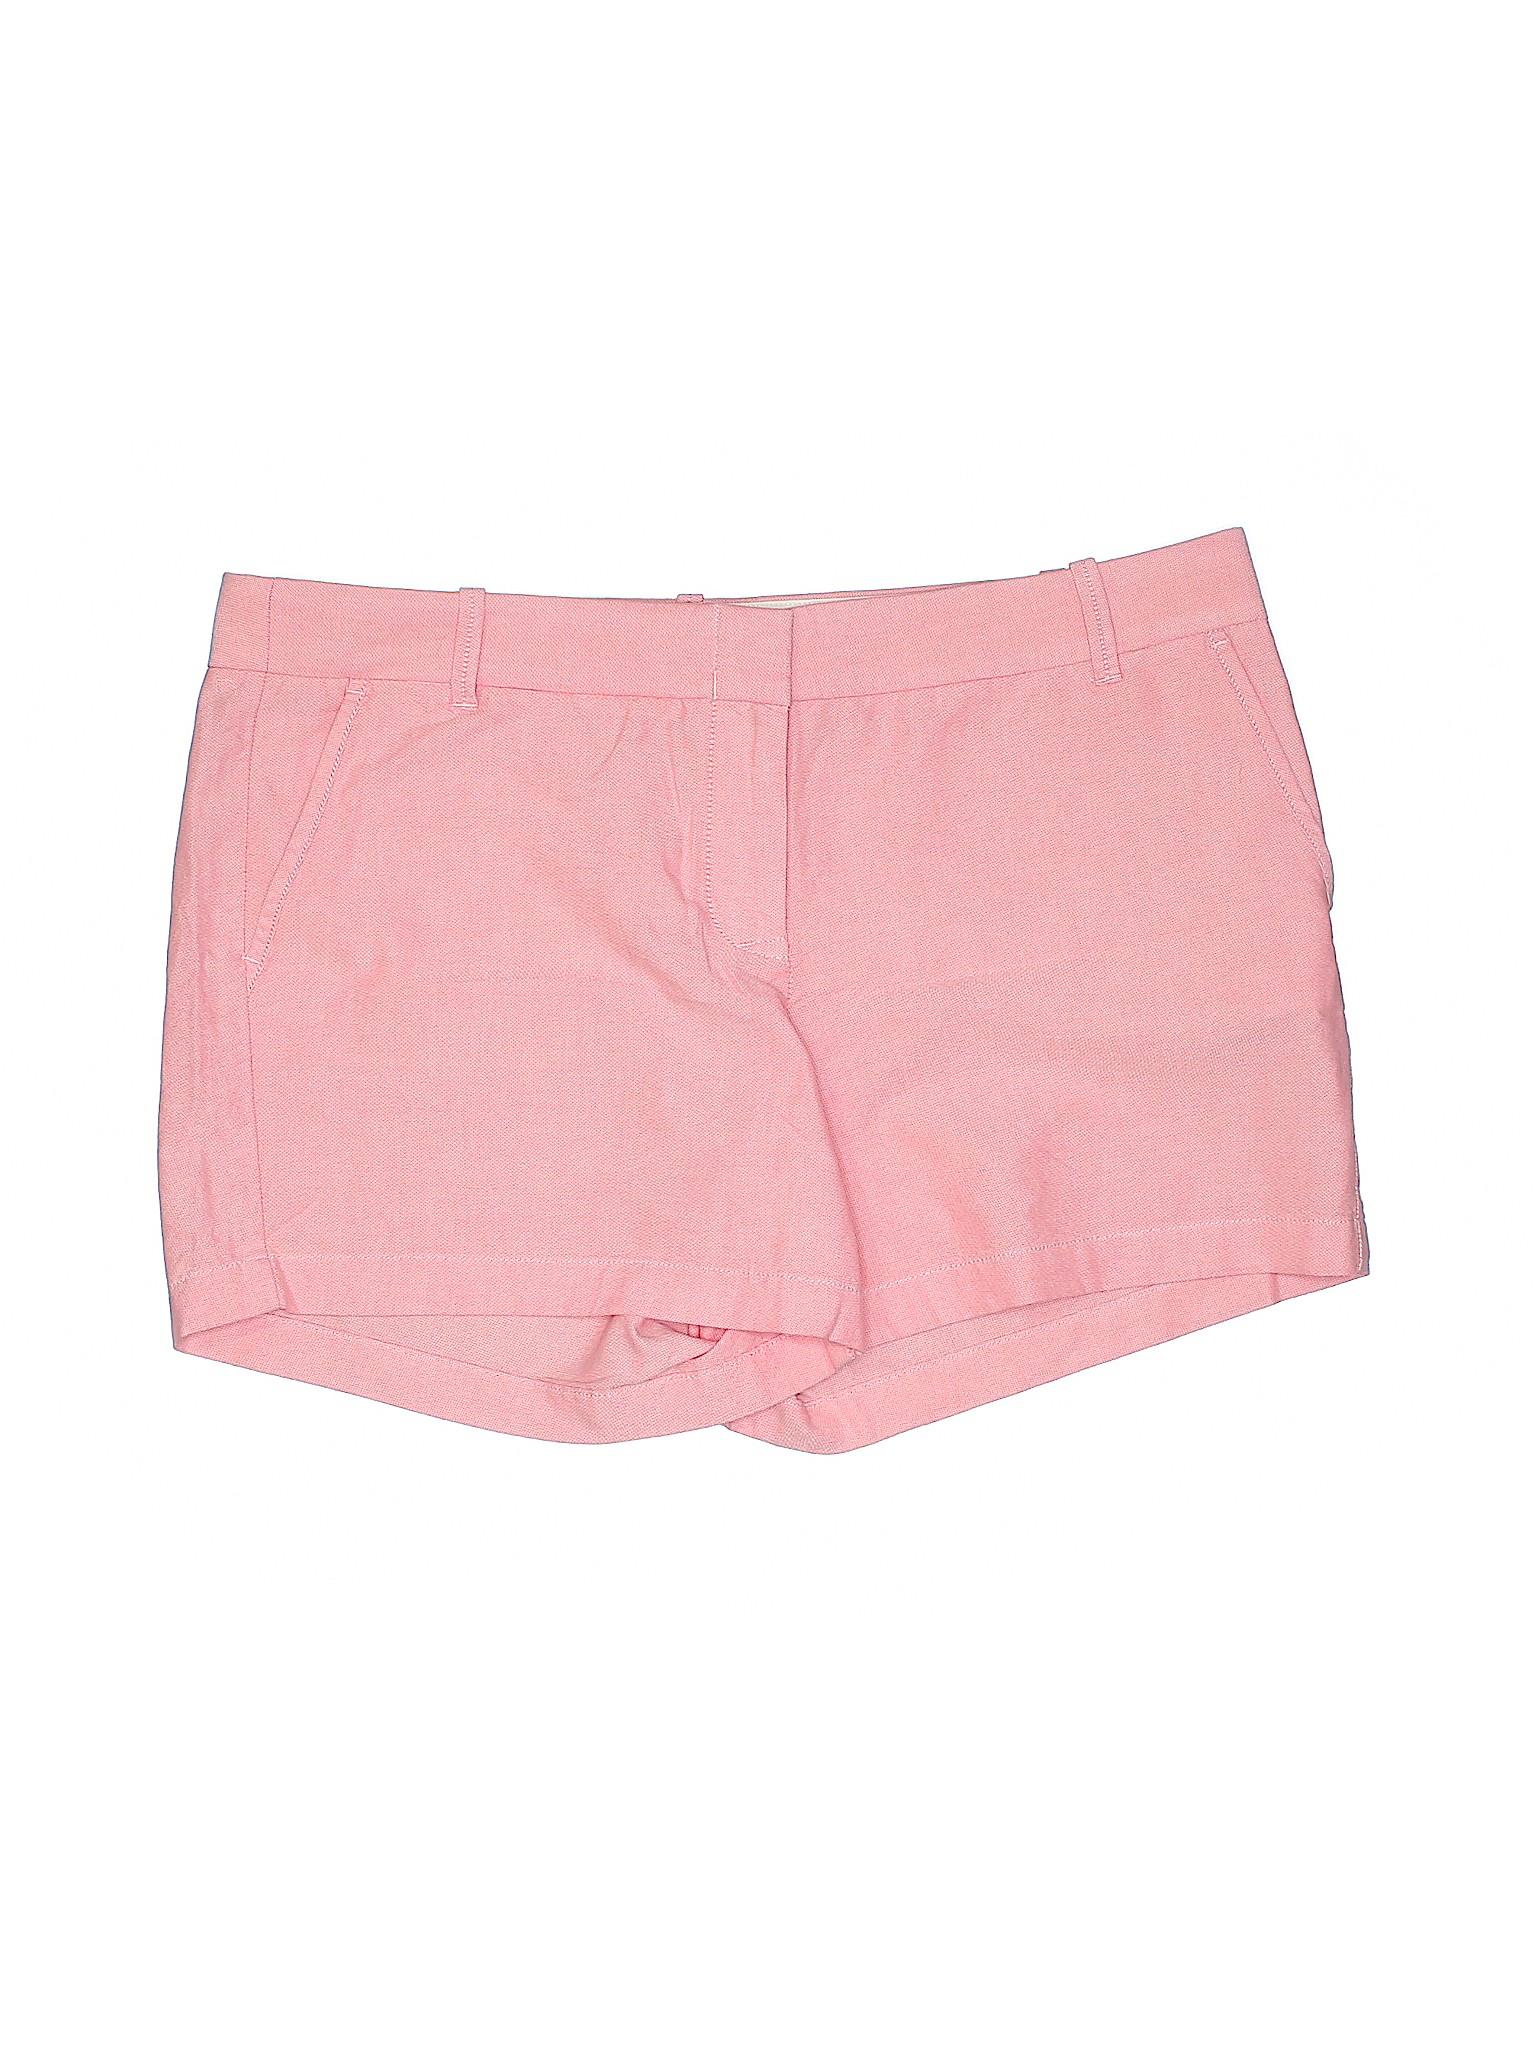 Boutique Khaki Shorts Crew J Boutique J Crew OcPTEH